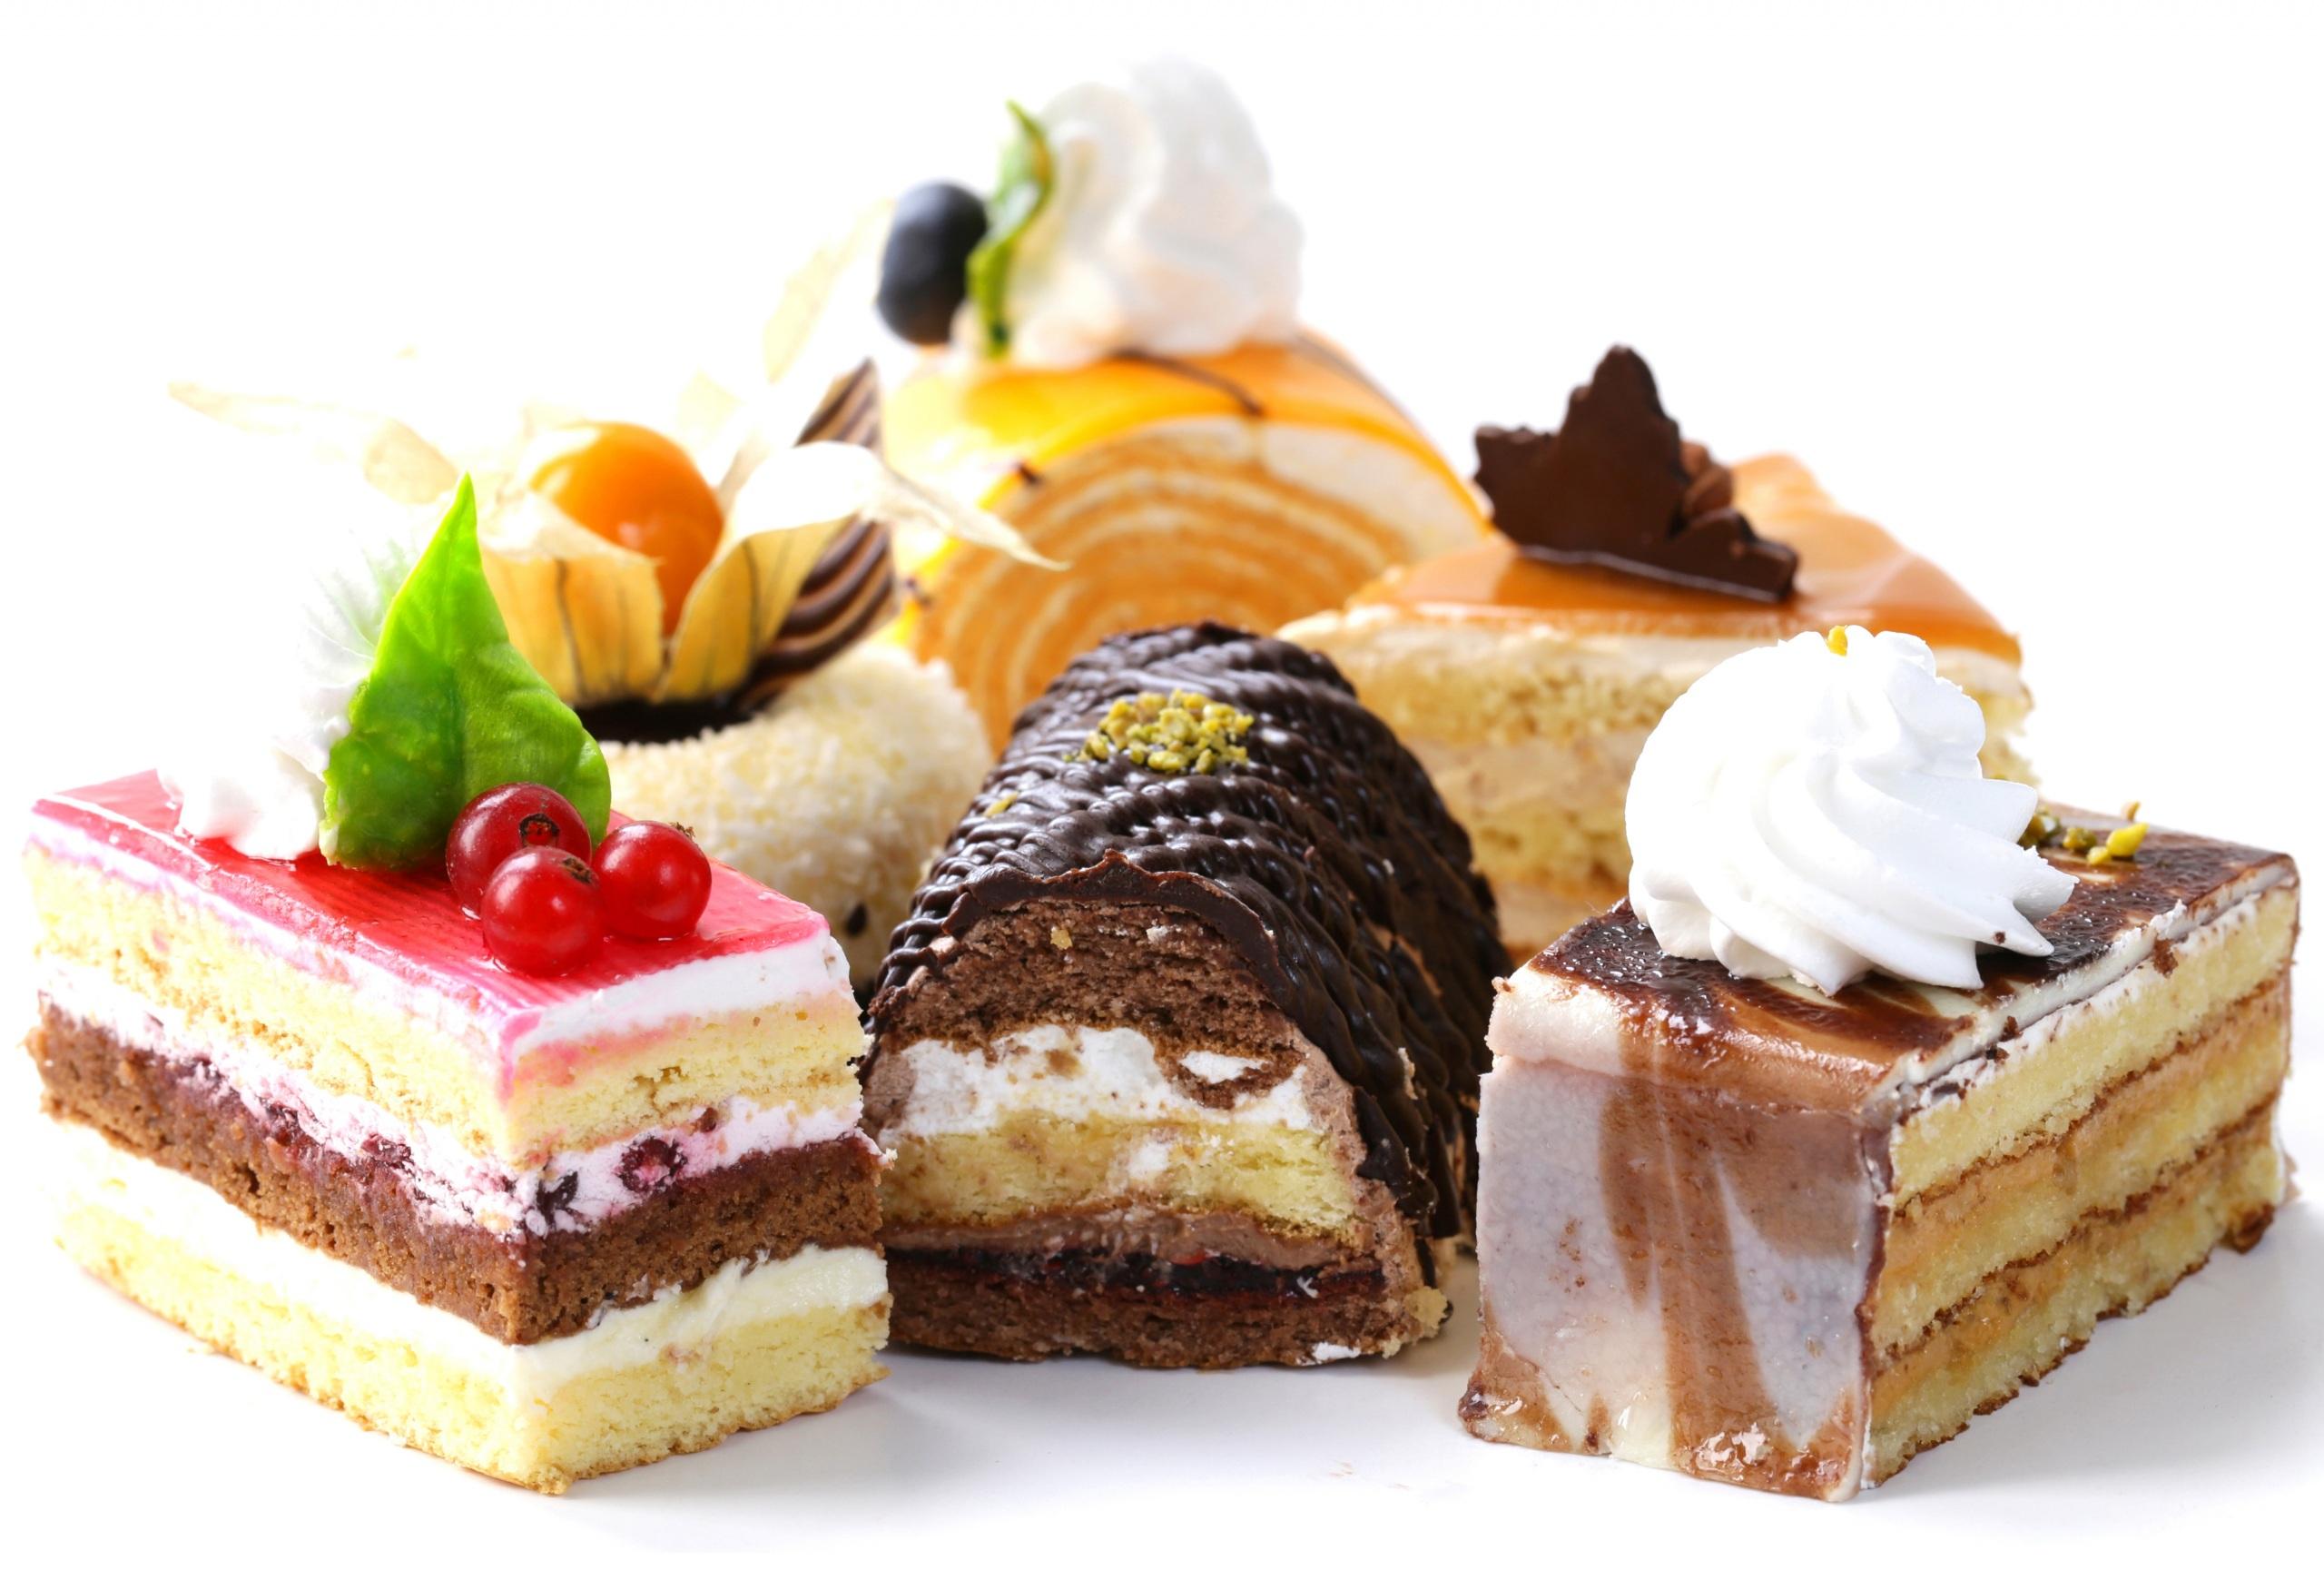 Фото Шоколад Пища Пирожное белом фоне сладкая еда Дизайн 2560x1740 Еда Продукты питания Сладости Белый фон белым фоном дизайна